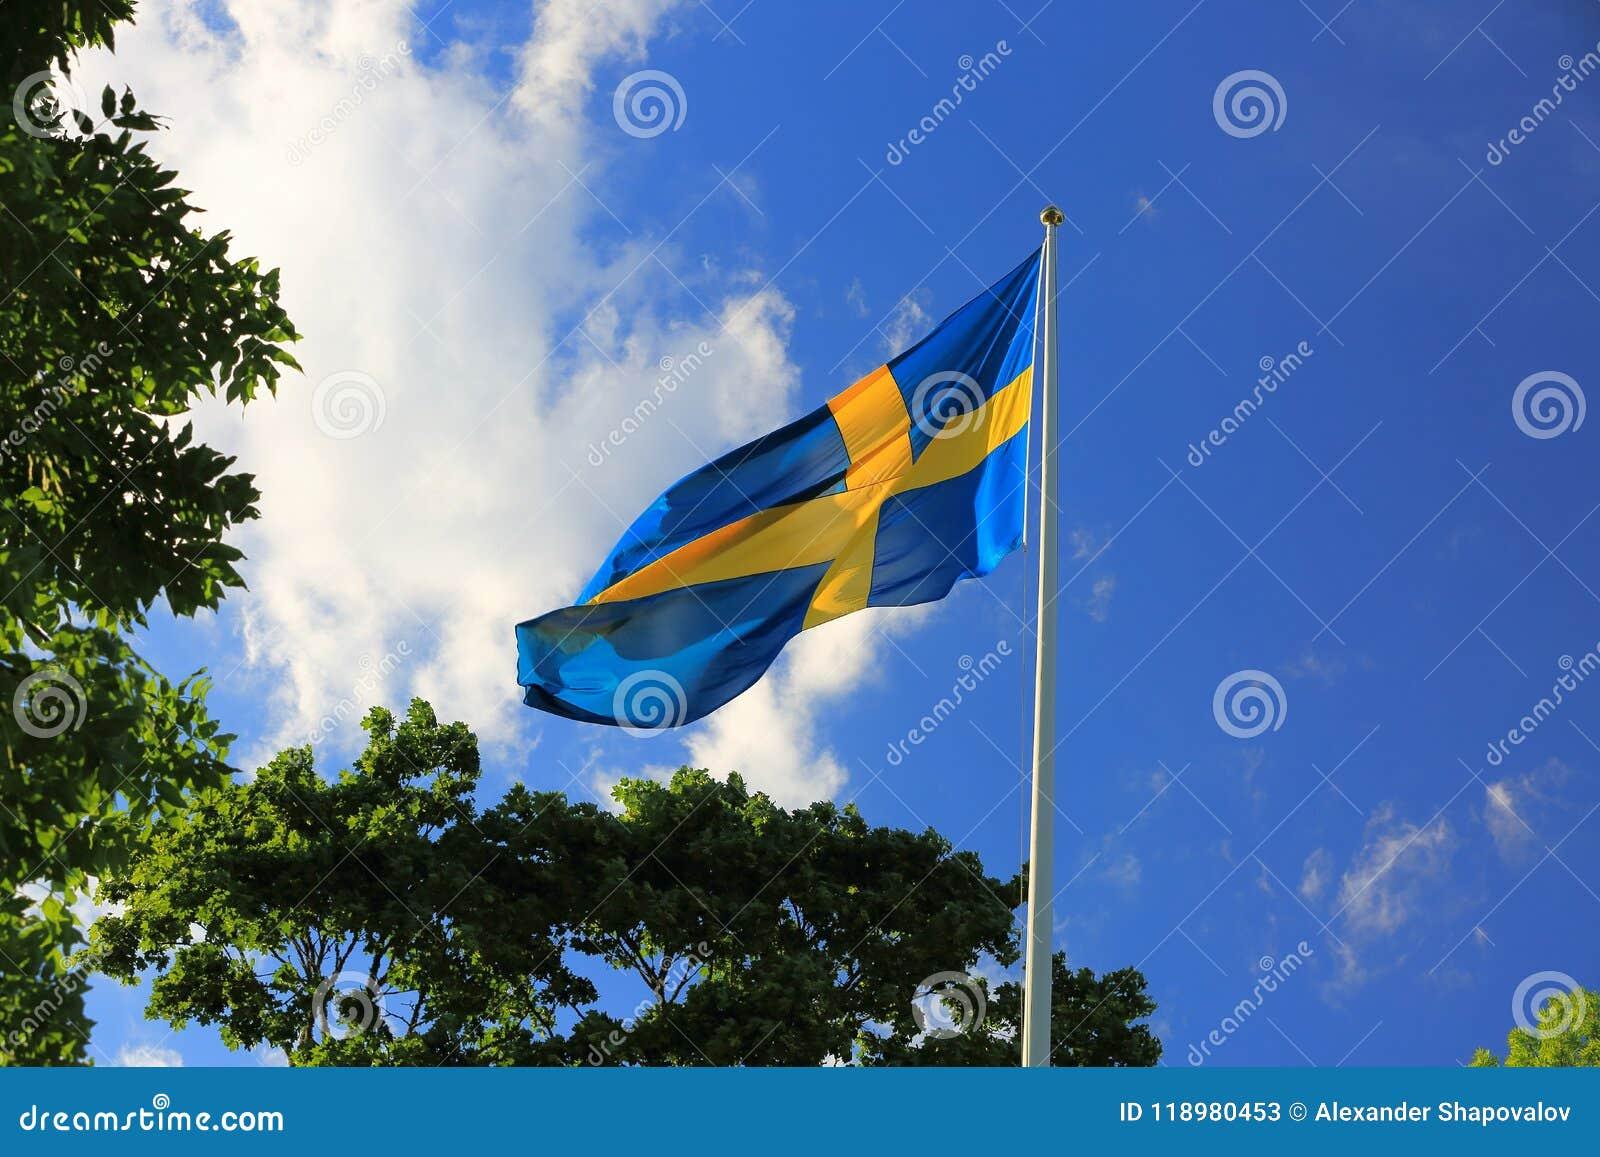 La belle vue du drapeau suédois sur les arbres verts et du ciel bleu avec le blanc opacifie le fond